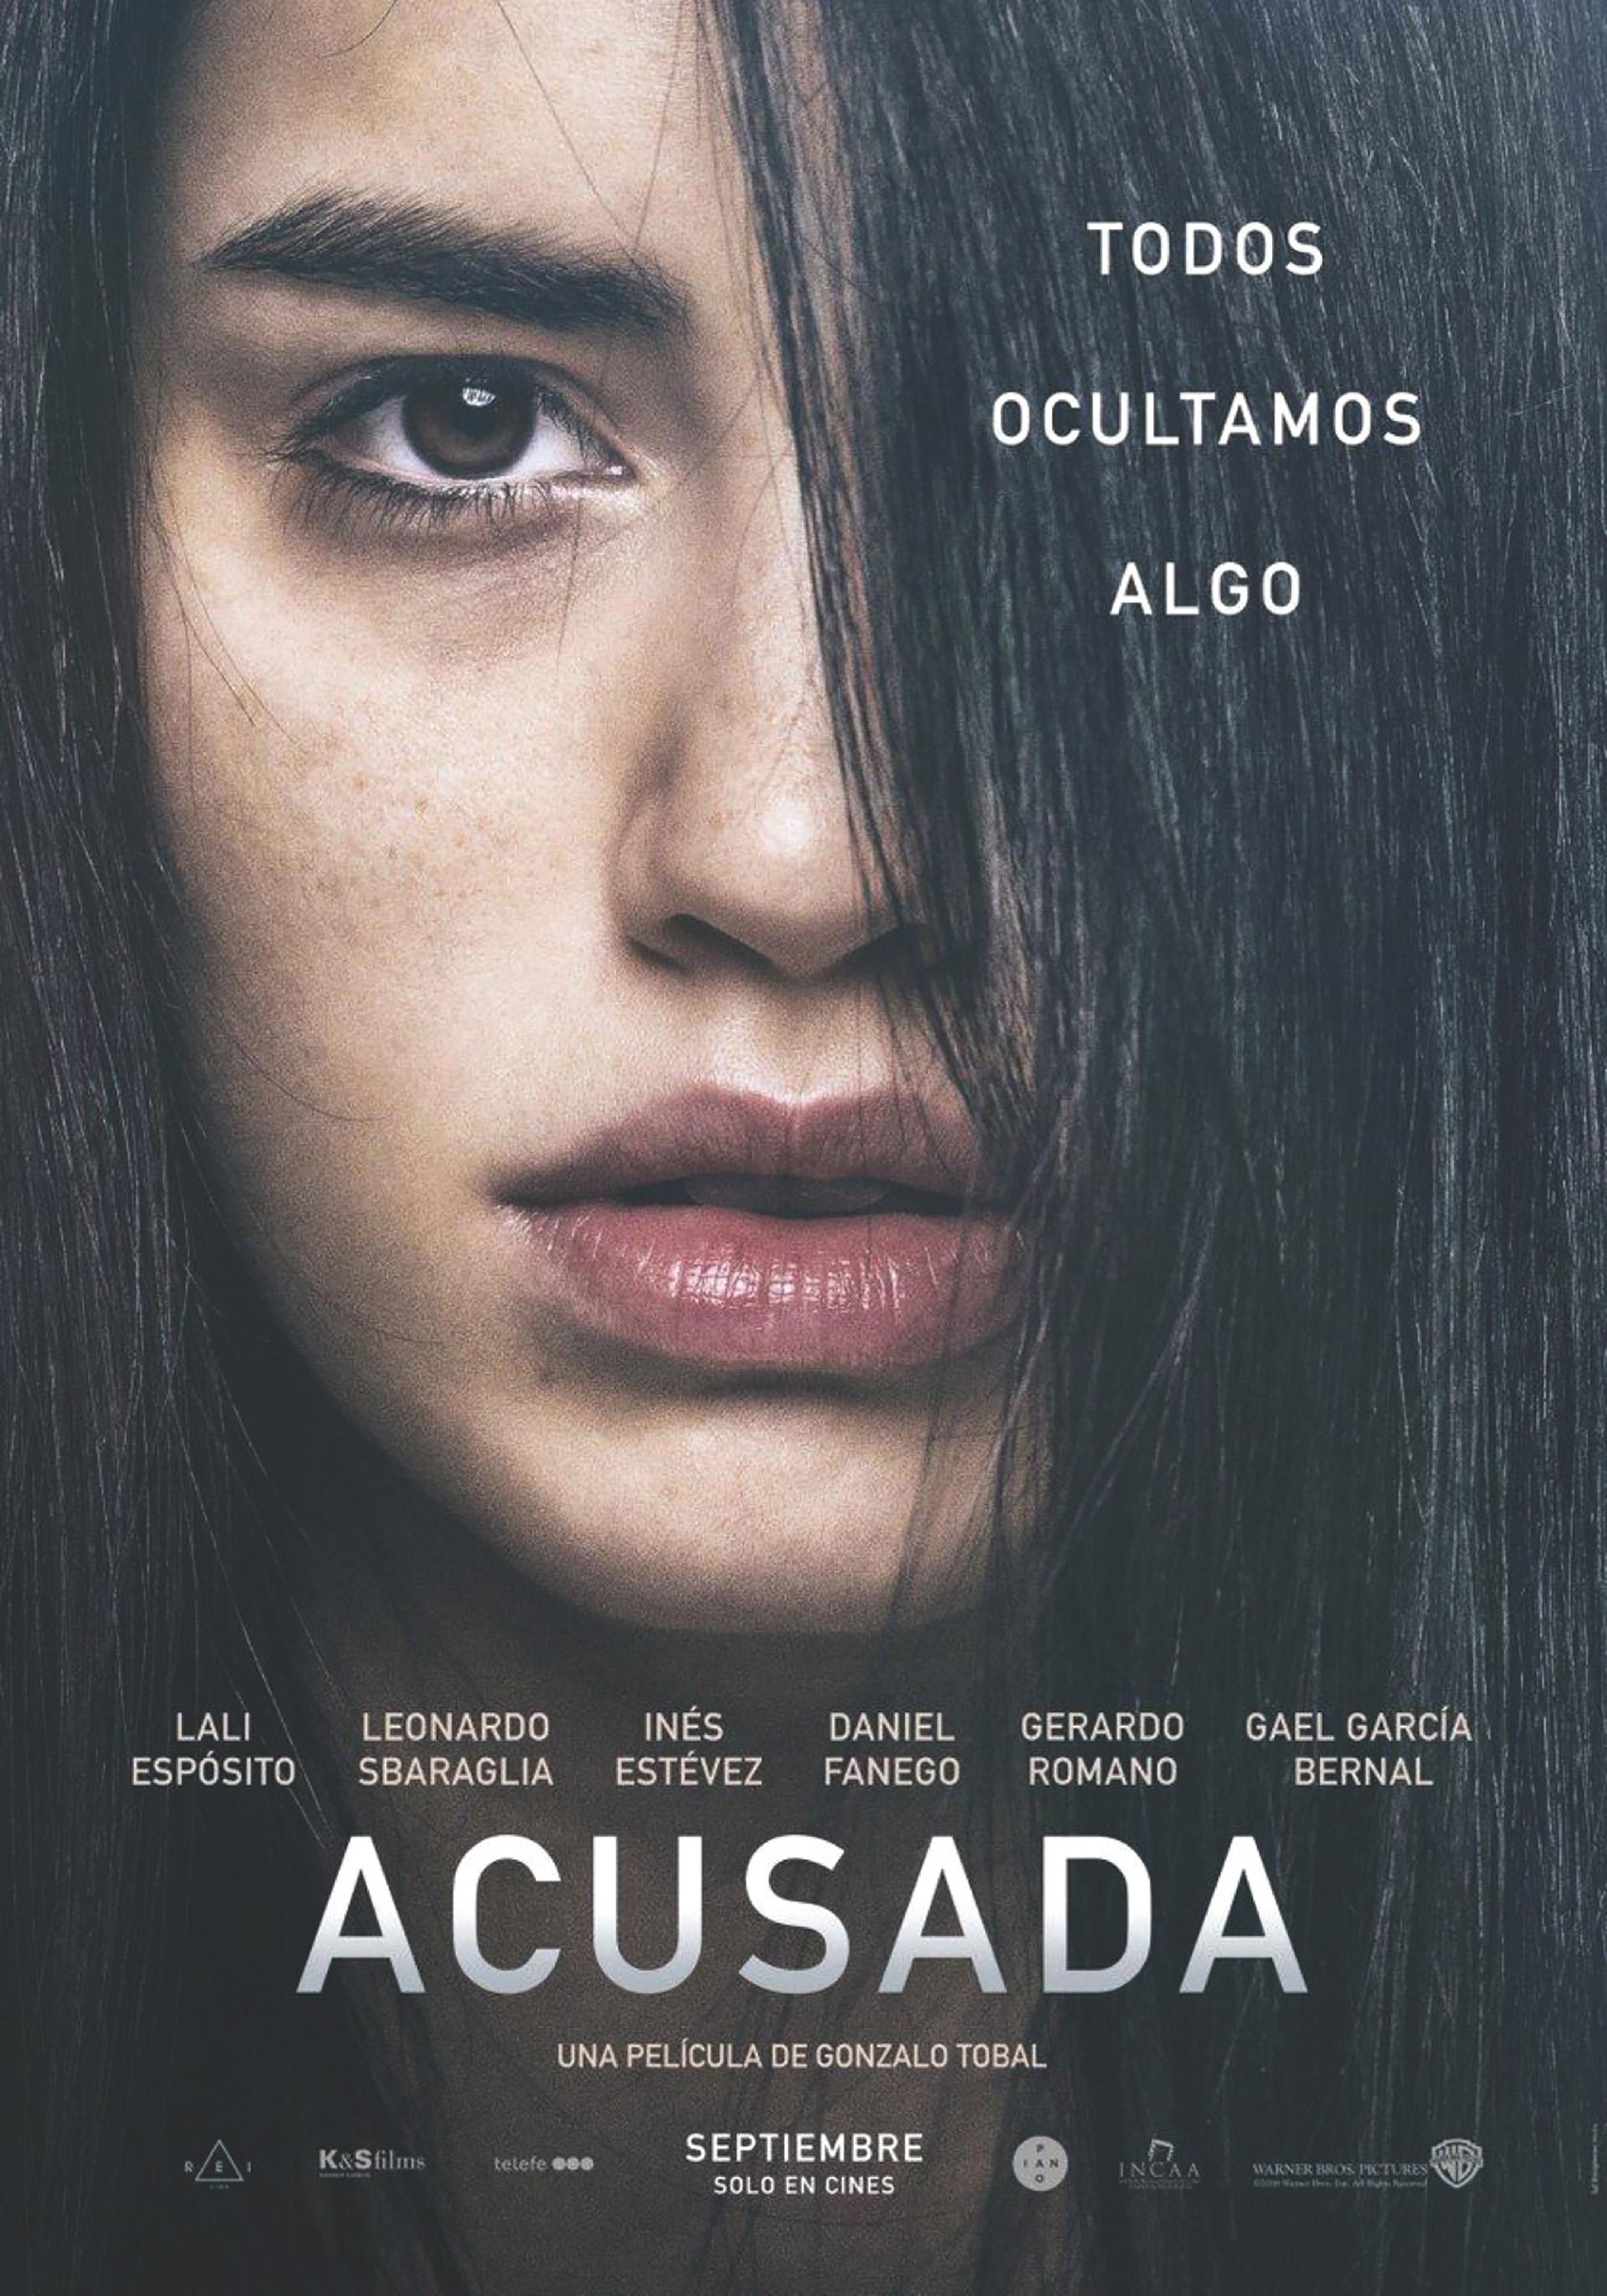 ACUSADA, estrenó el 13 de Septiembre. Un drama que esta muy bueno